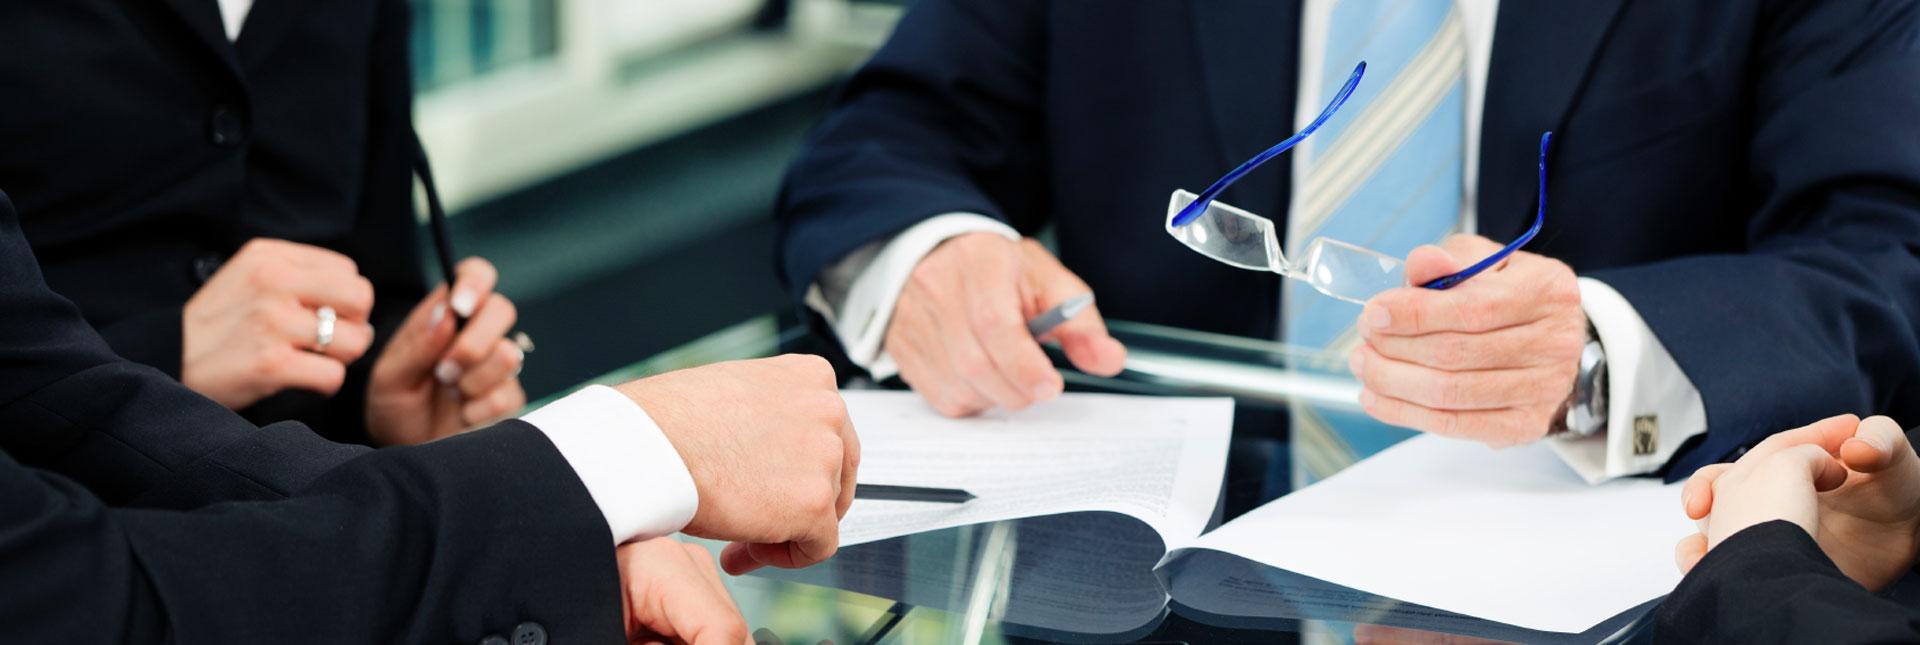 Сайт работа авито россия работа свежие вакансии операционной по обслуживанию юридических лиц.